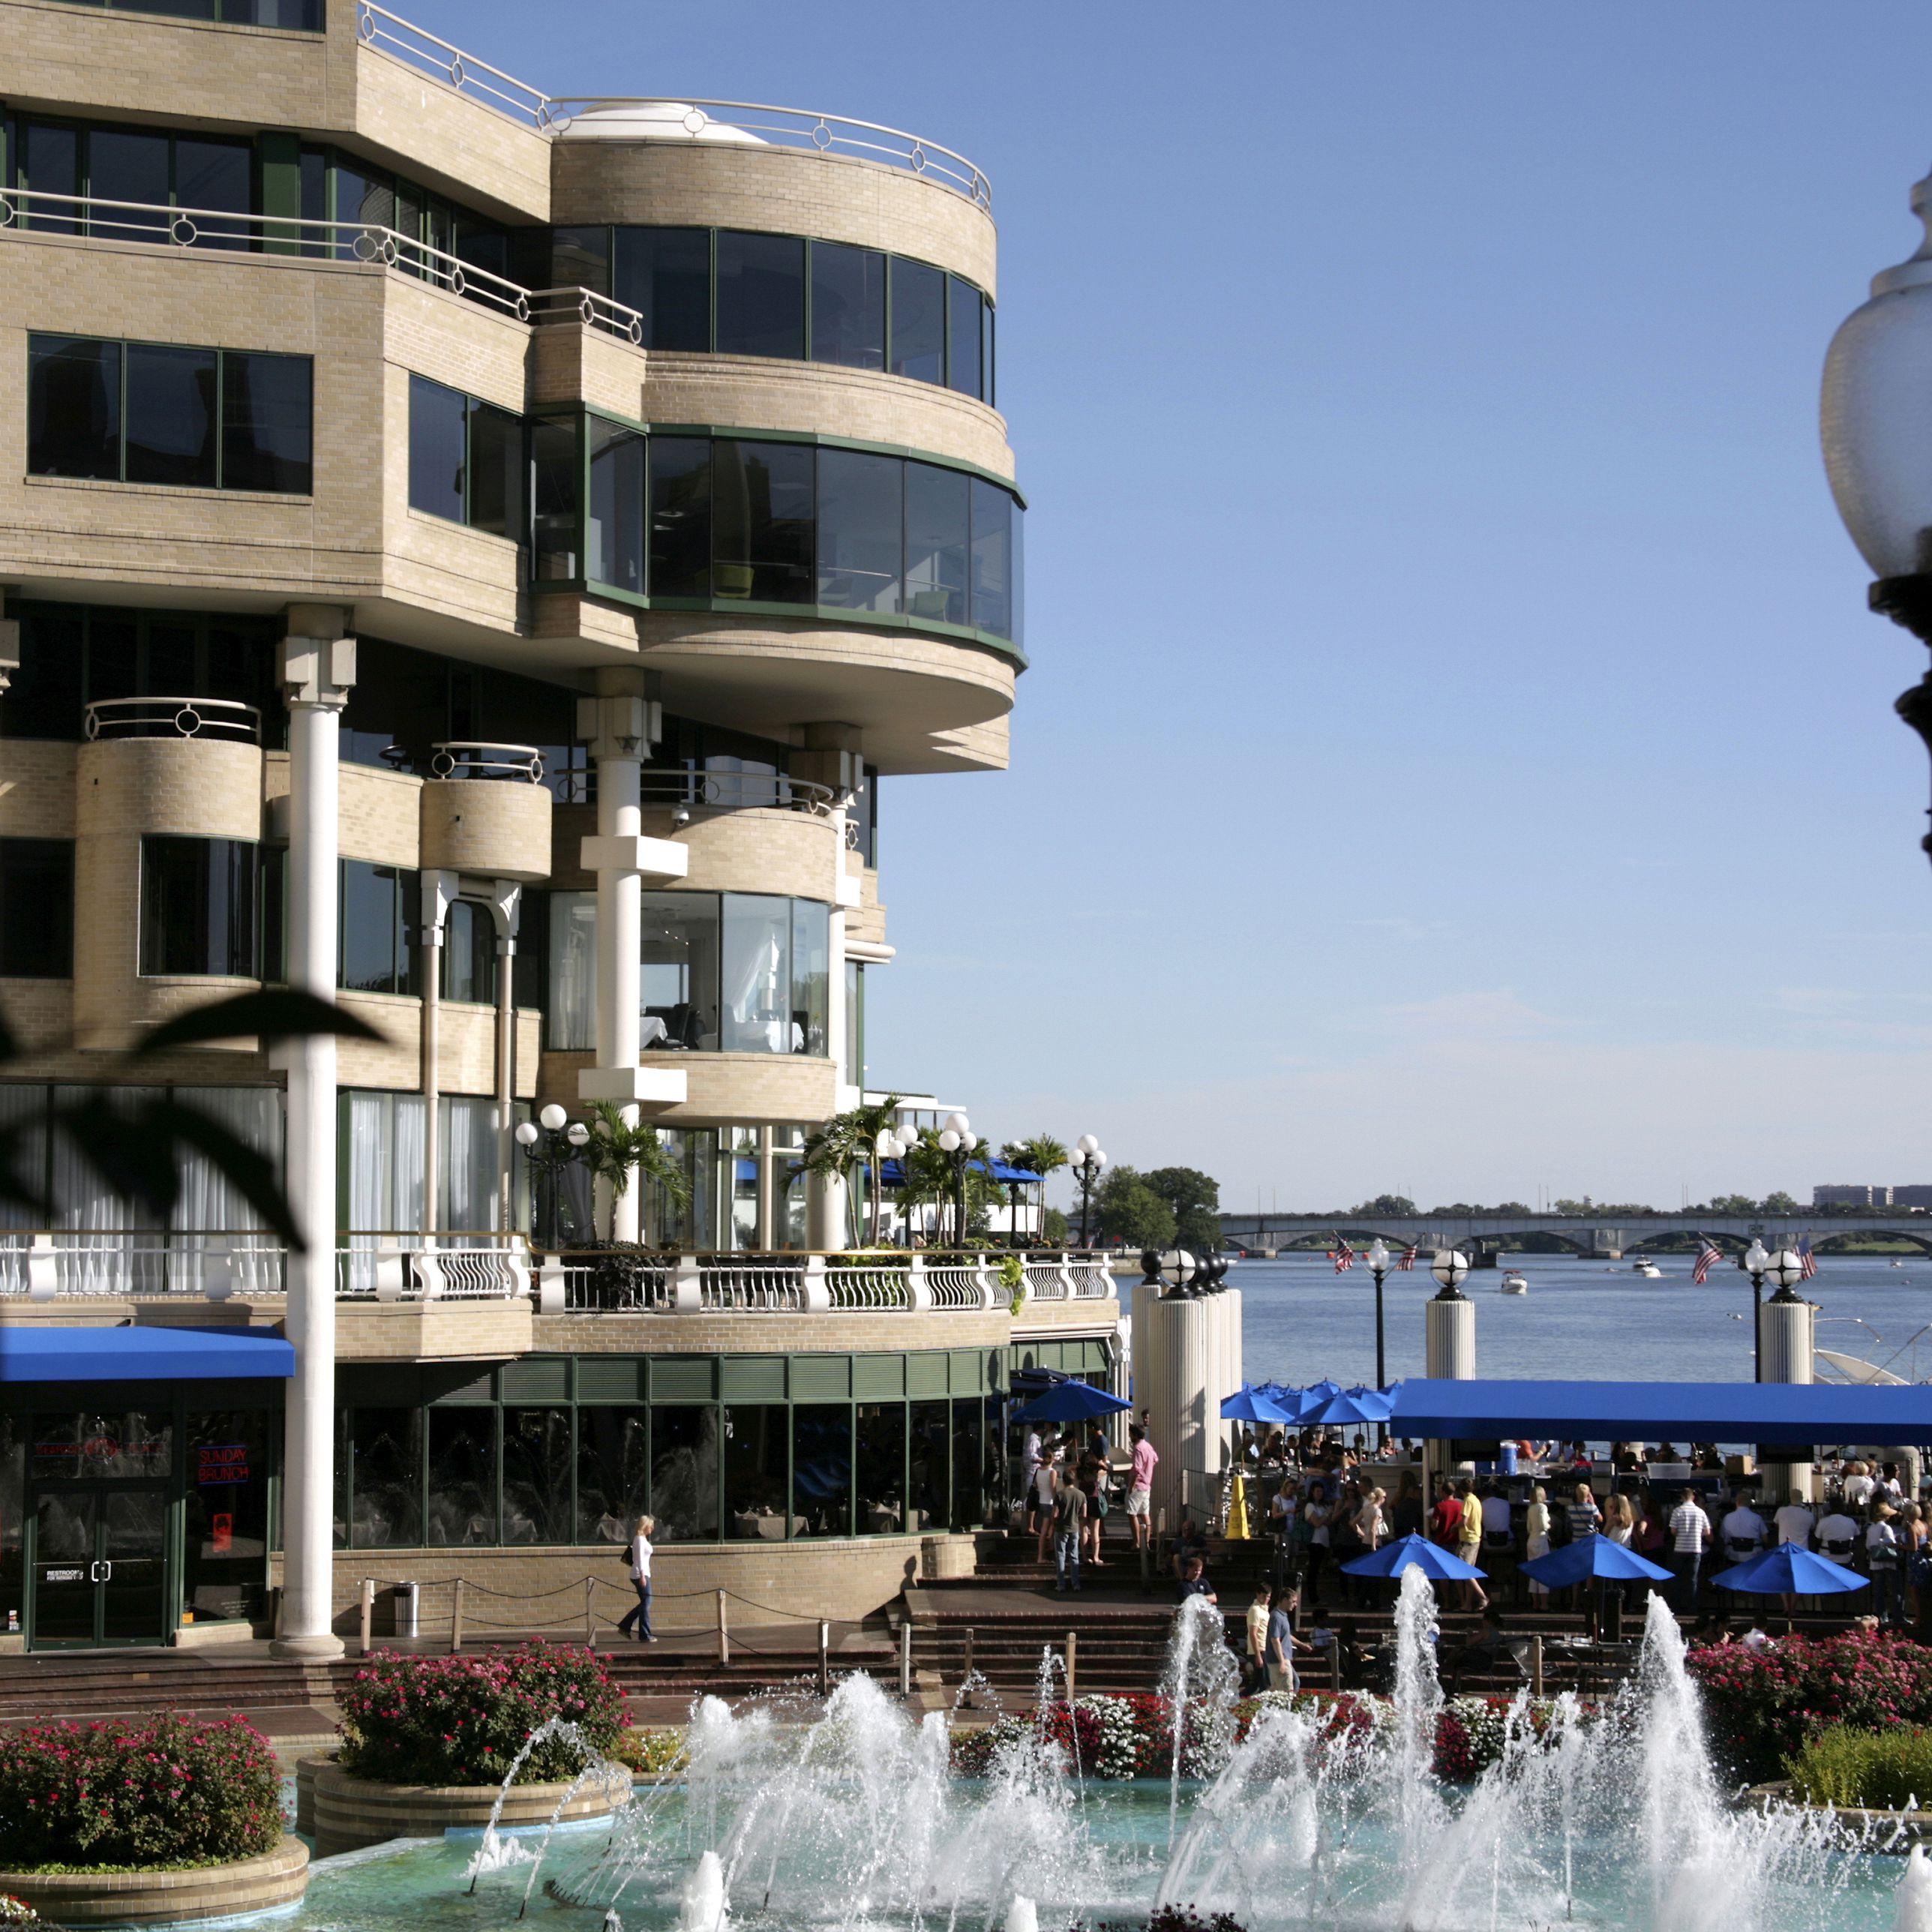 Georgetown Waterfront Restaurants Washington Harbor